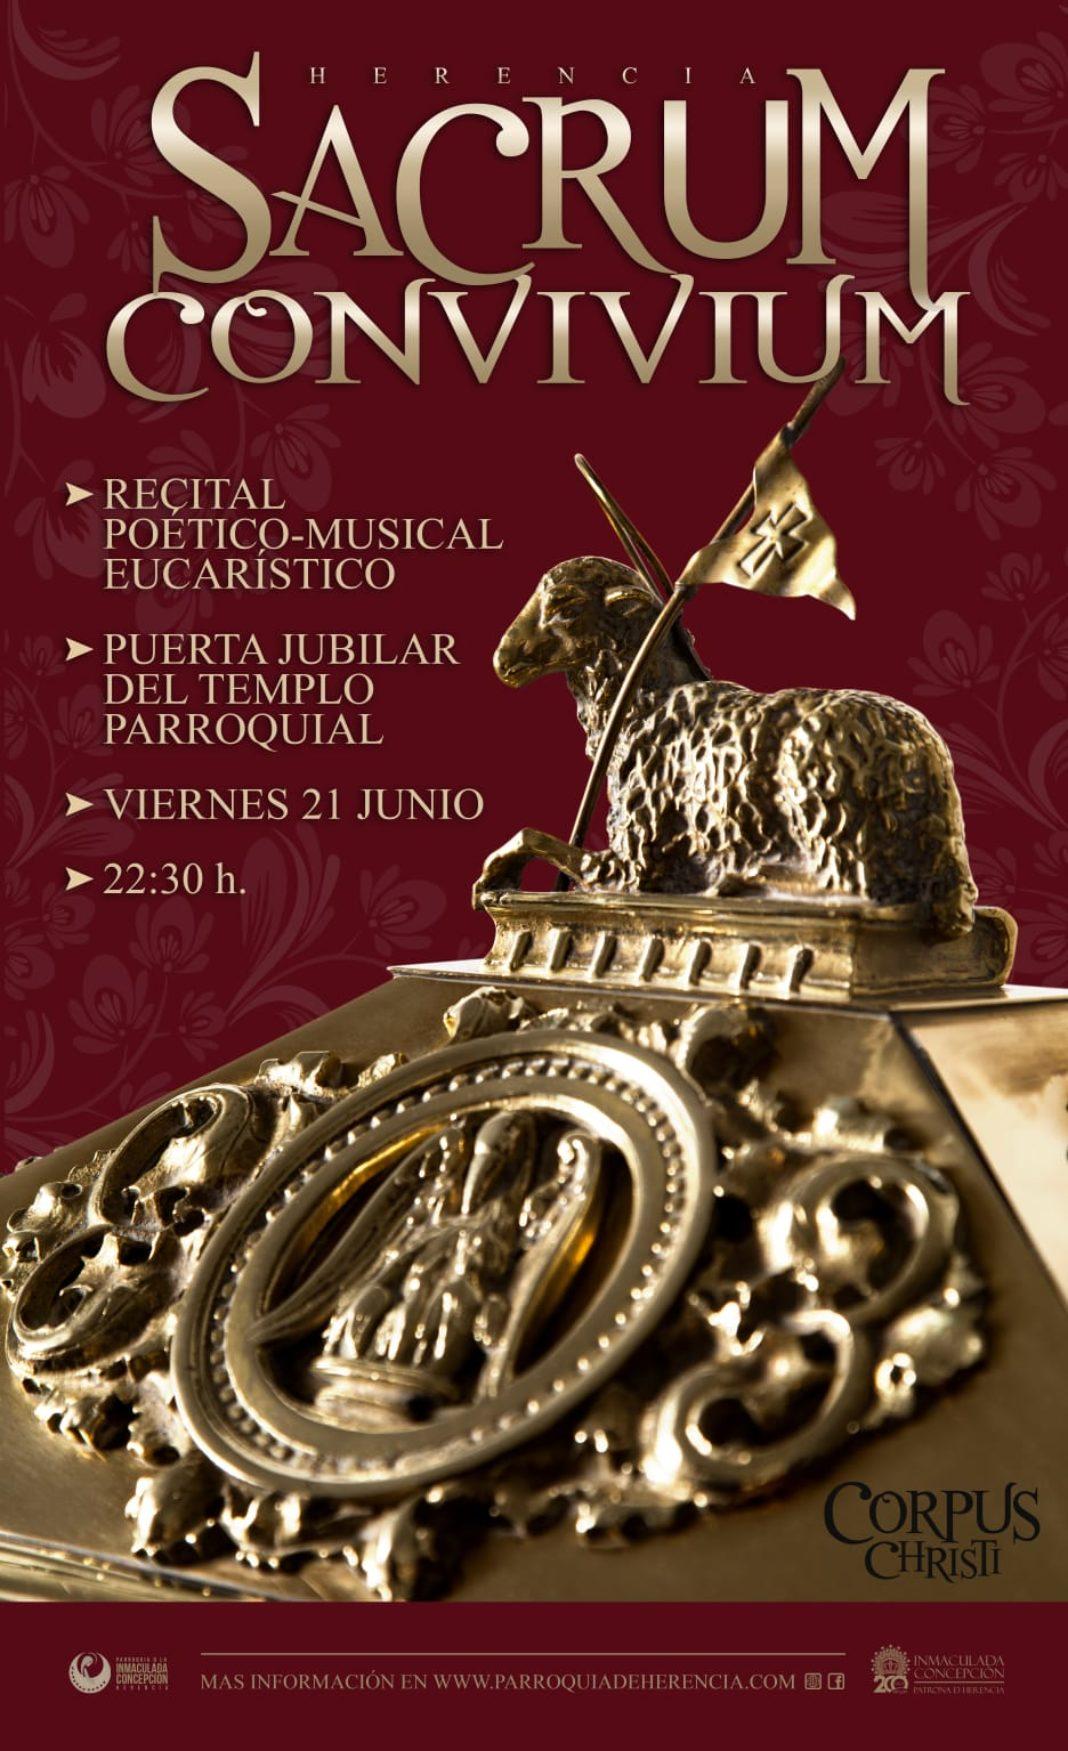 Recital poético musical eucarístico 1068x1751 - La parroquia organiza un recital poético-musical eucarístico